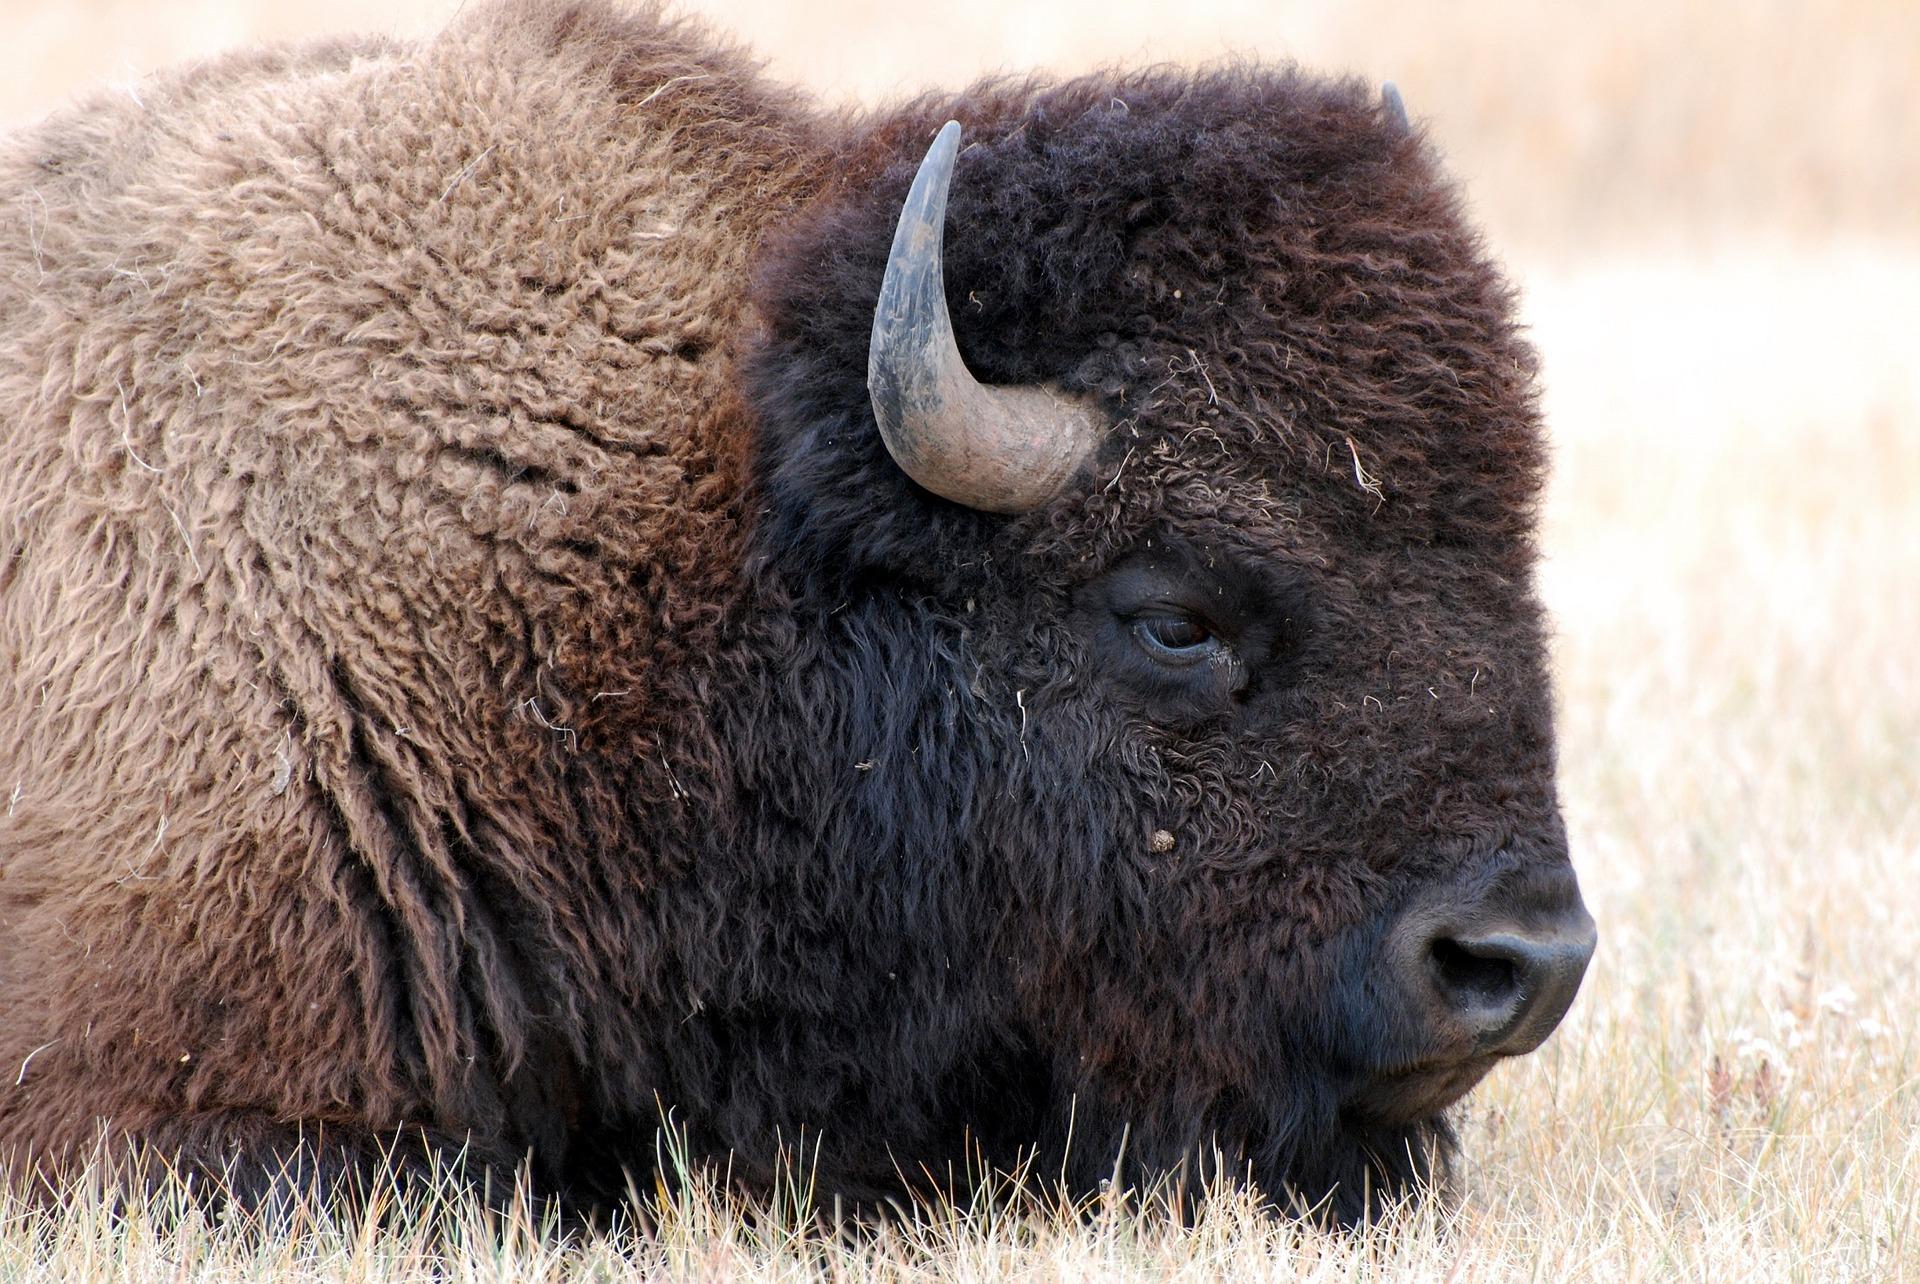 bison-1344761_1920.jpg